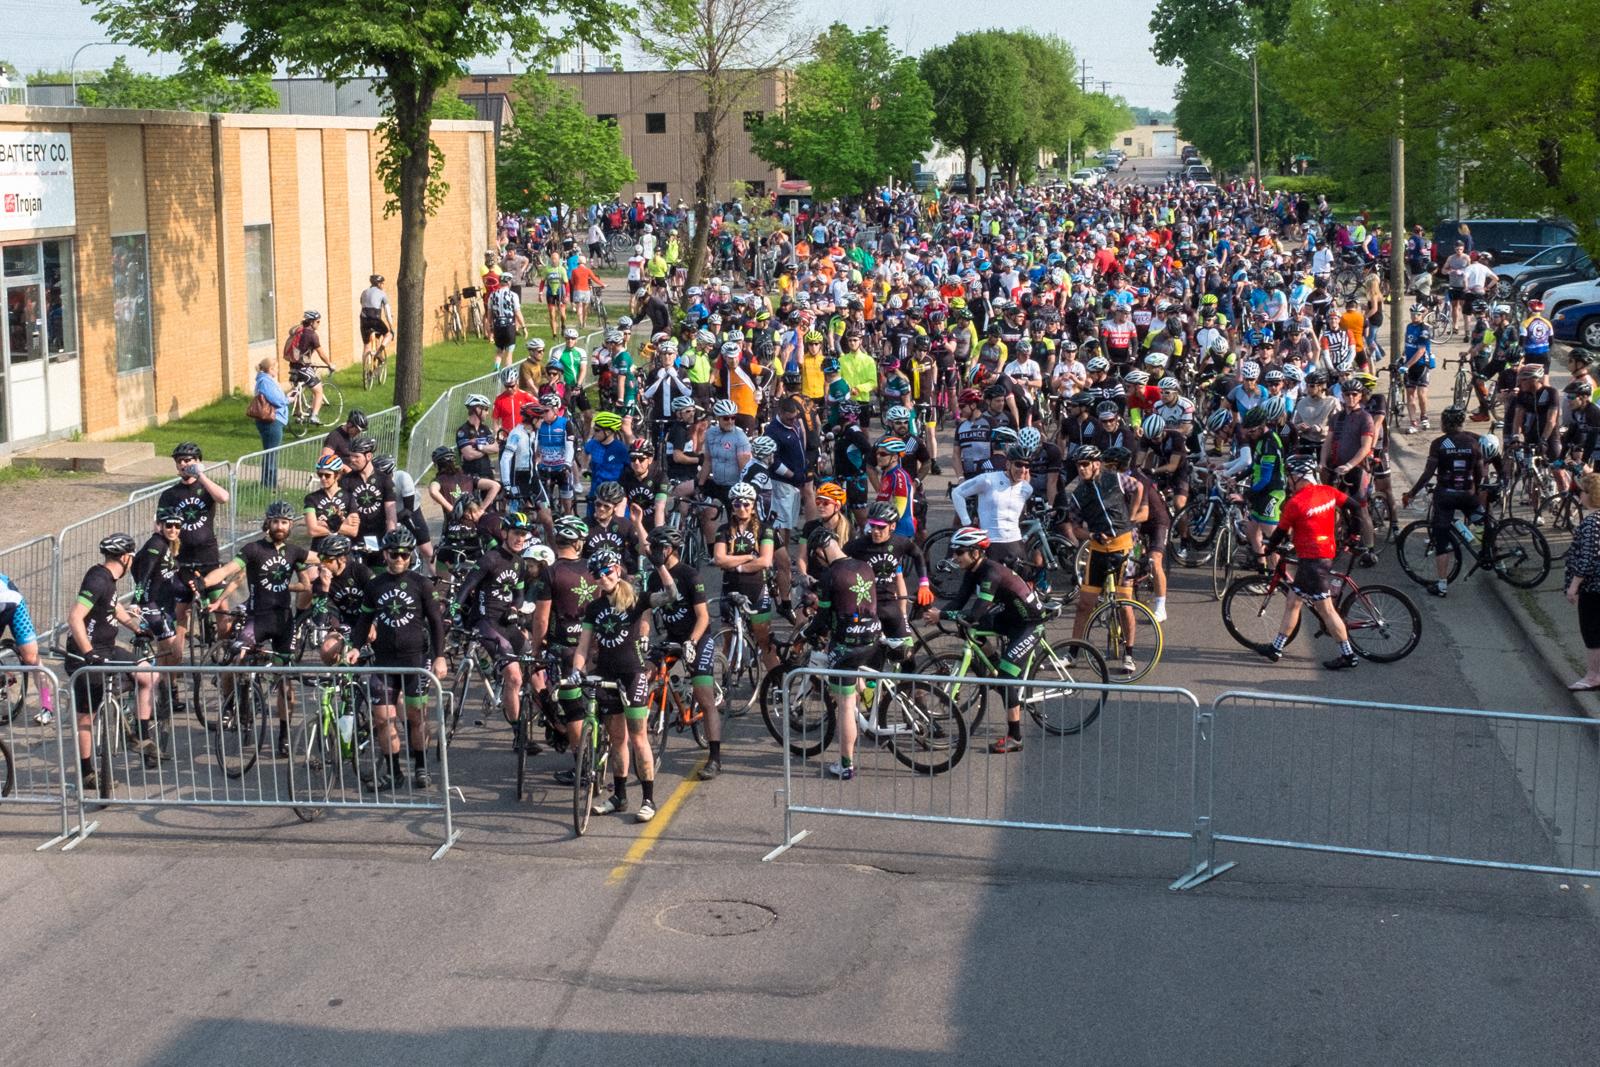 RidePage_Carousel_photos-8.jpg